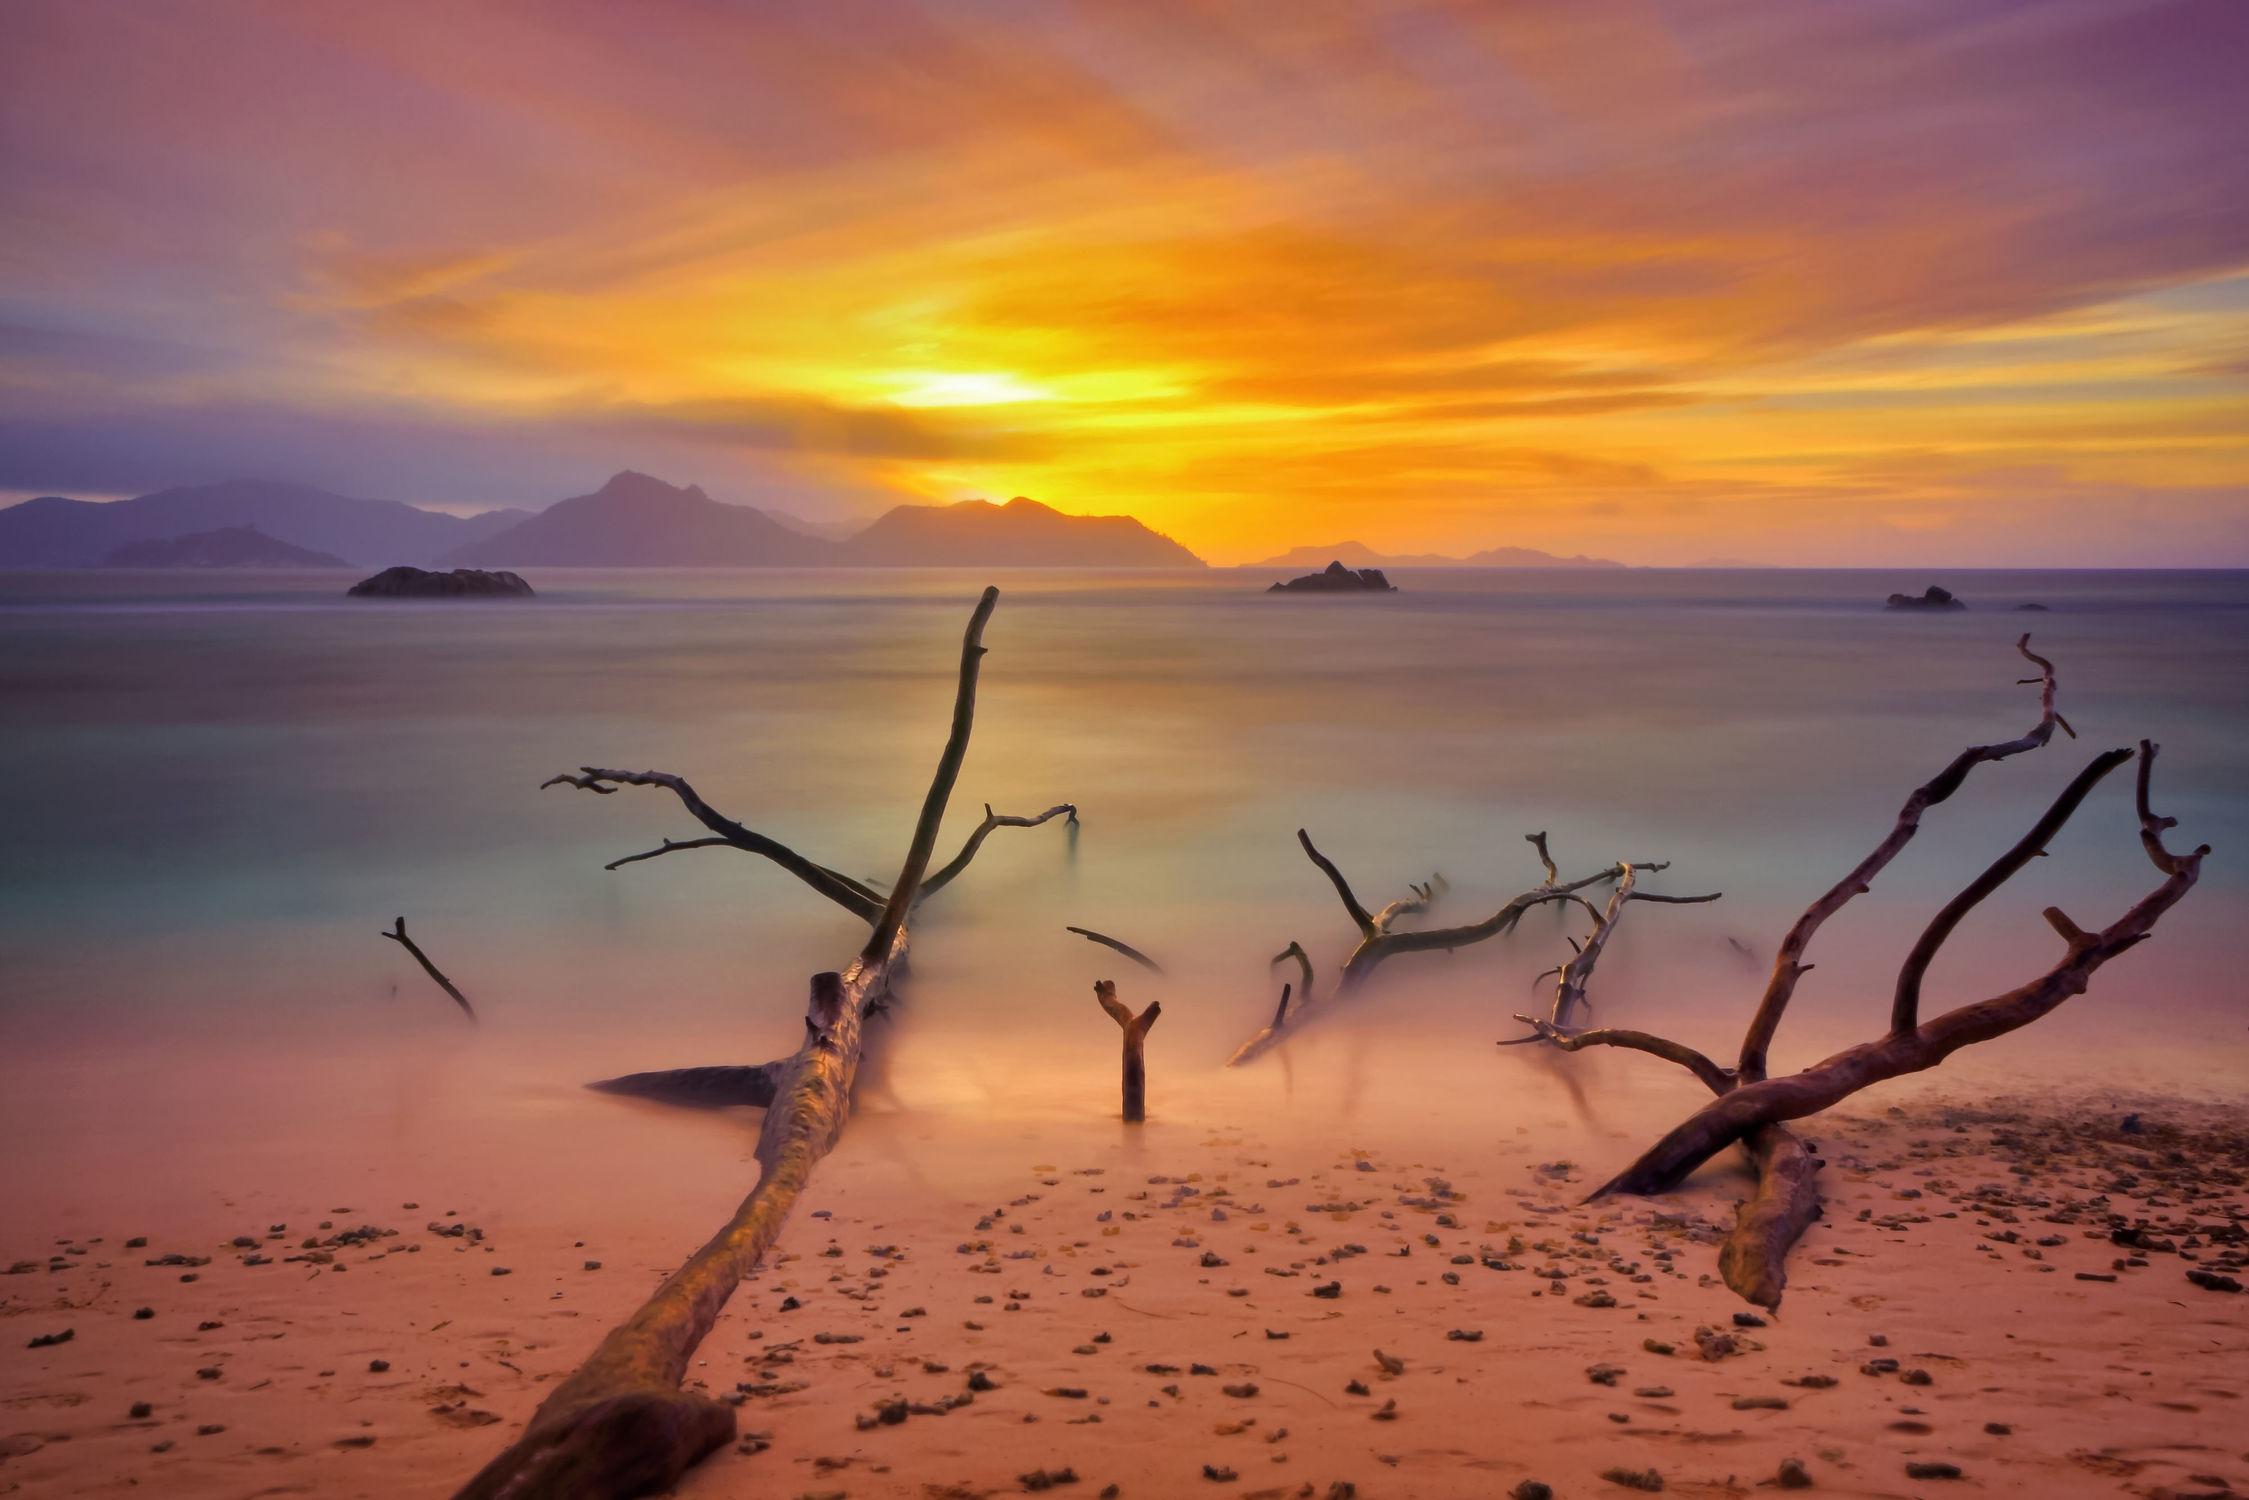 Bild mit Natur, Wasser, Gewässer, Sonnenuntergang, Sonnenaufgang, Baum, Am Meer